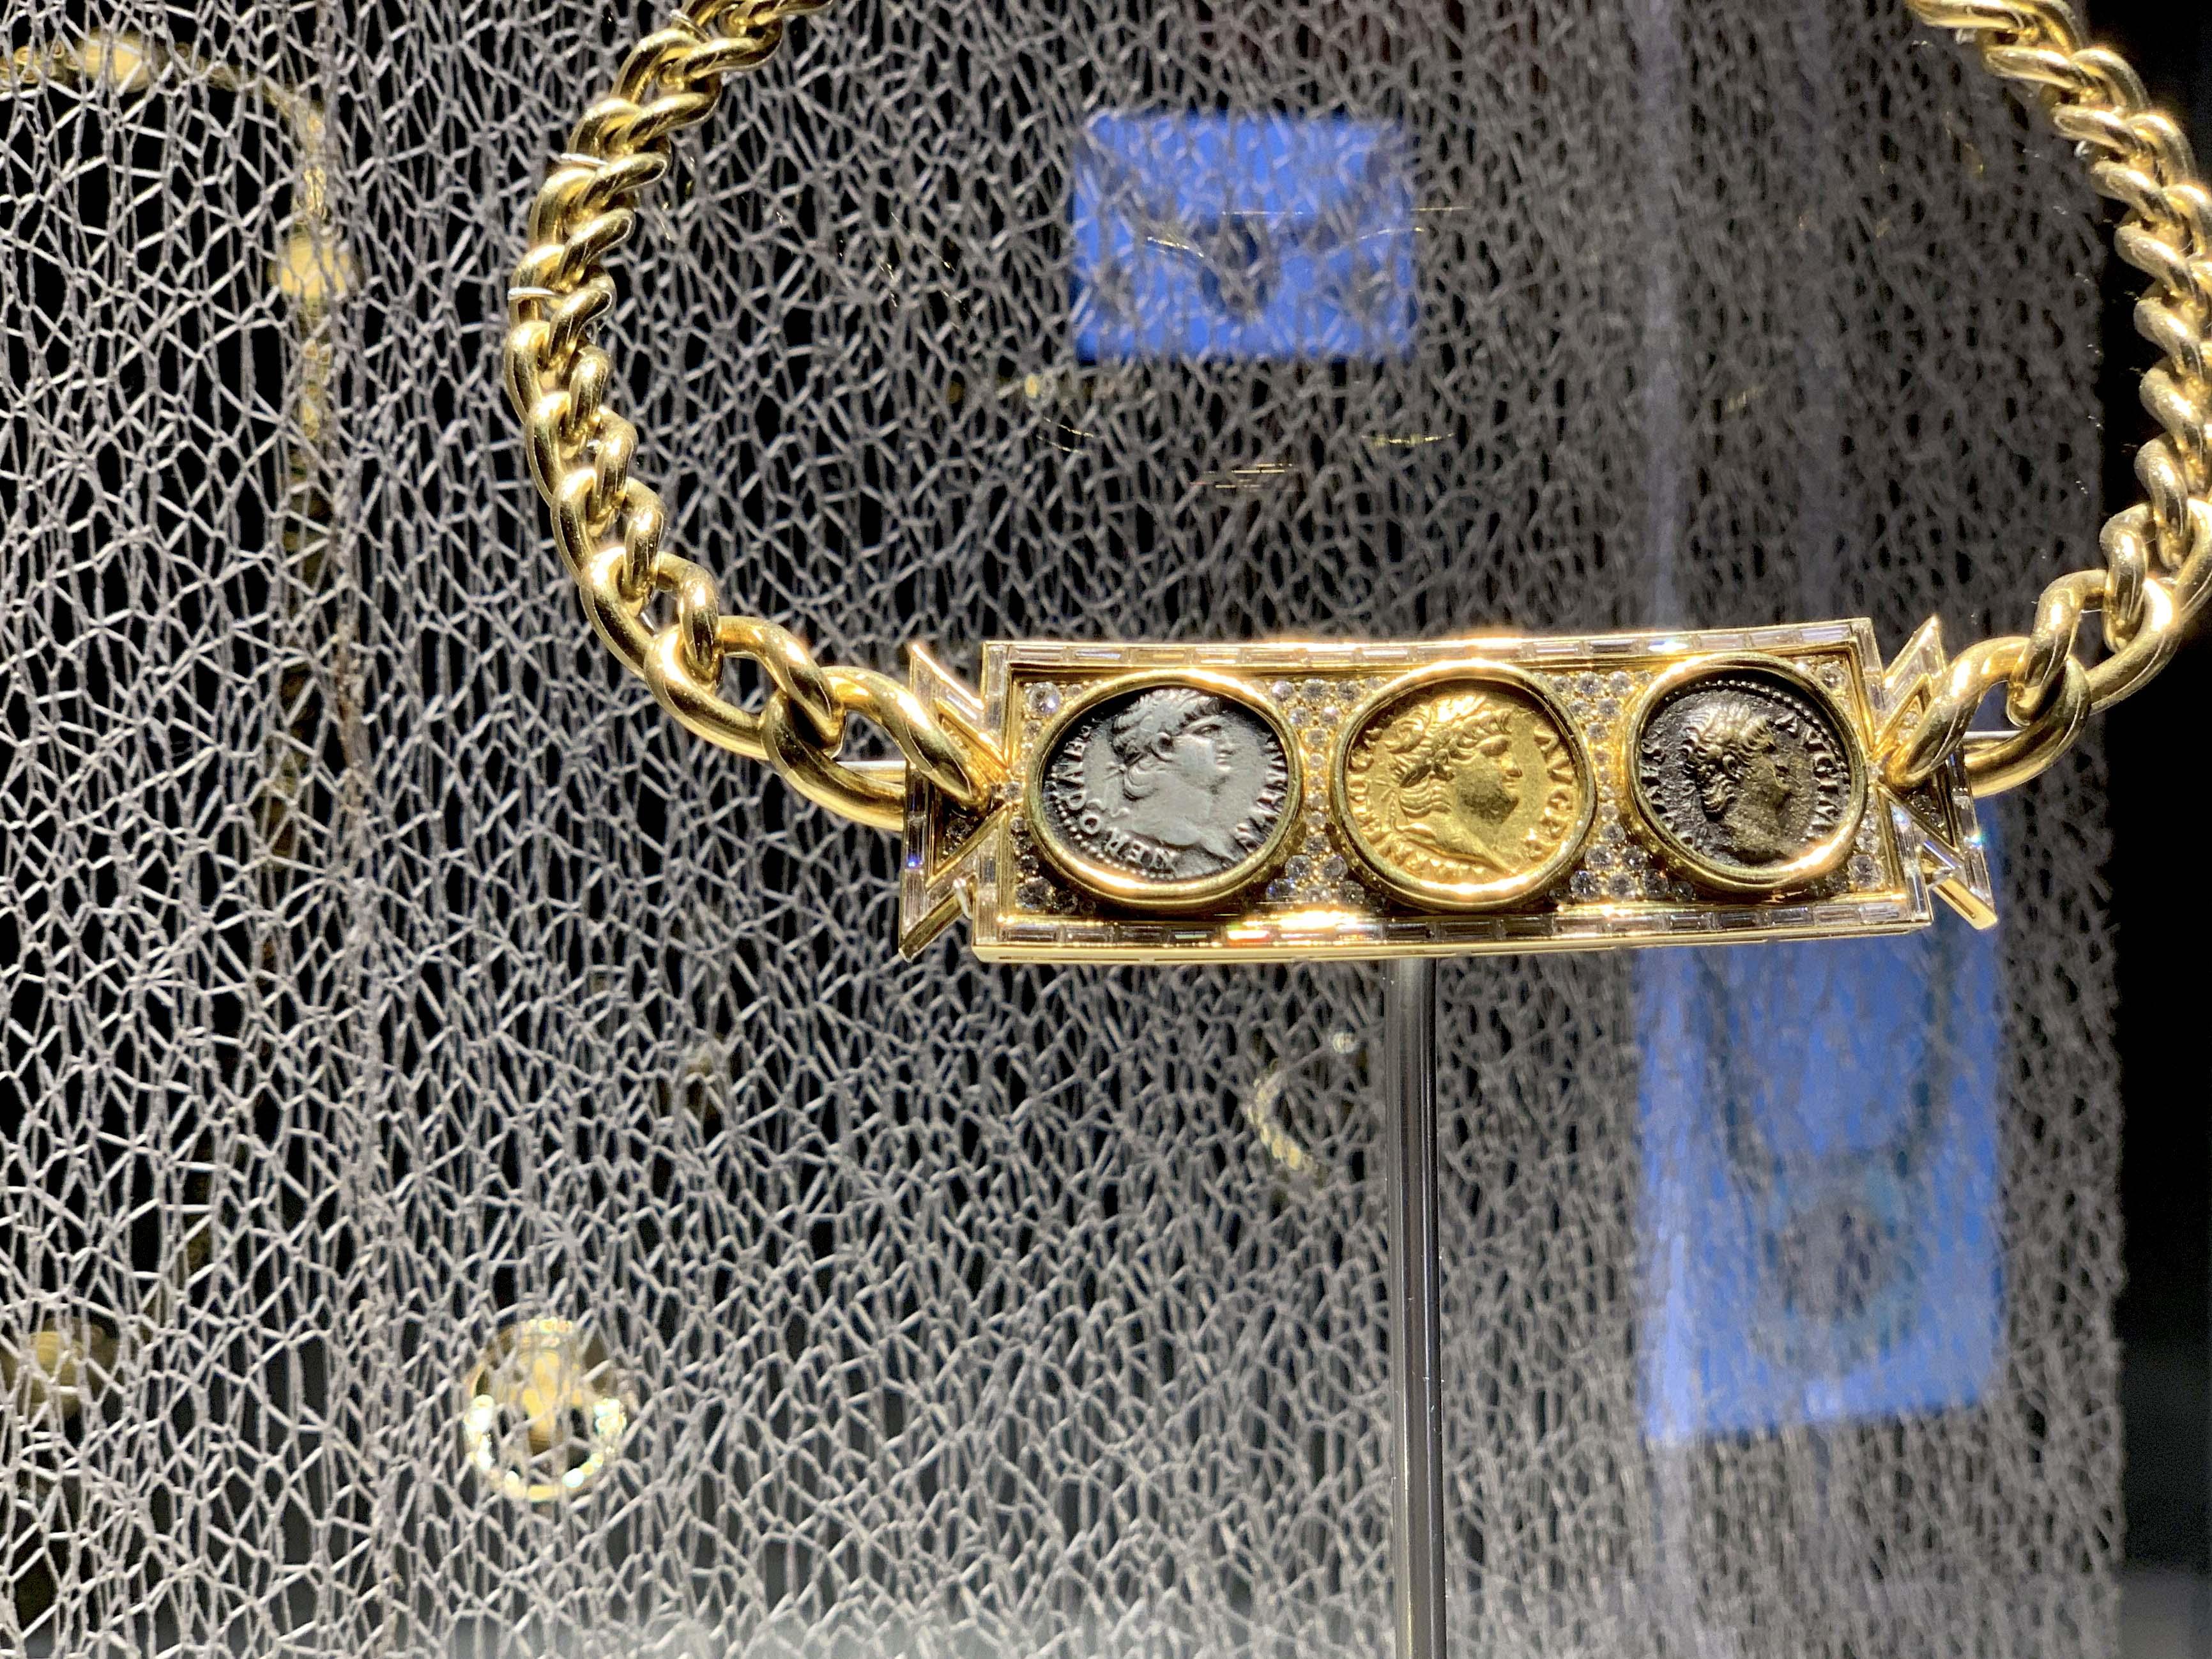 古代ローマやギリシャの実物のコインをジュエリーにしたのが「モネーテ」